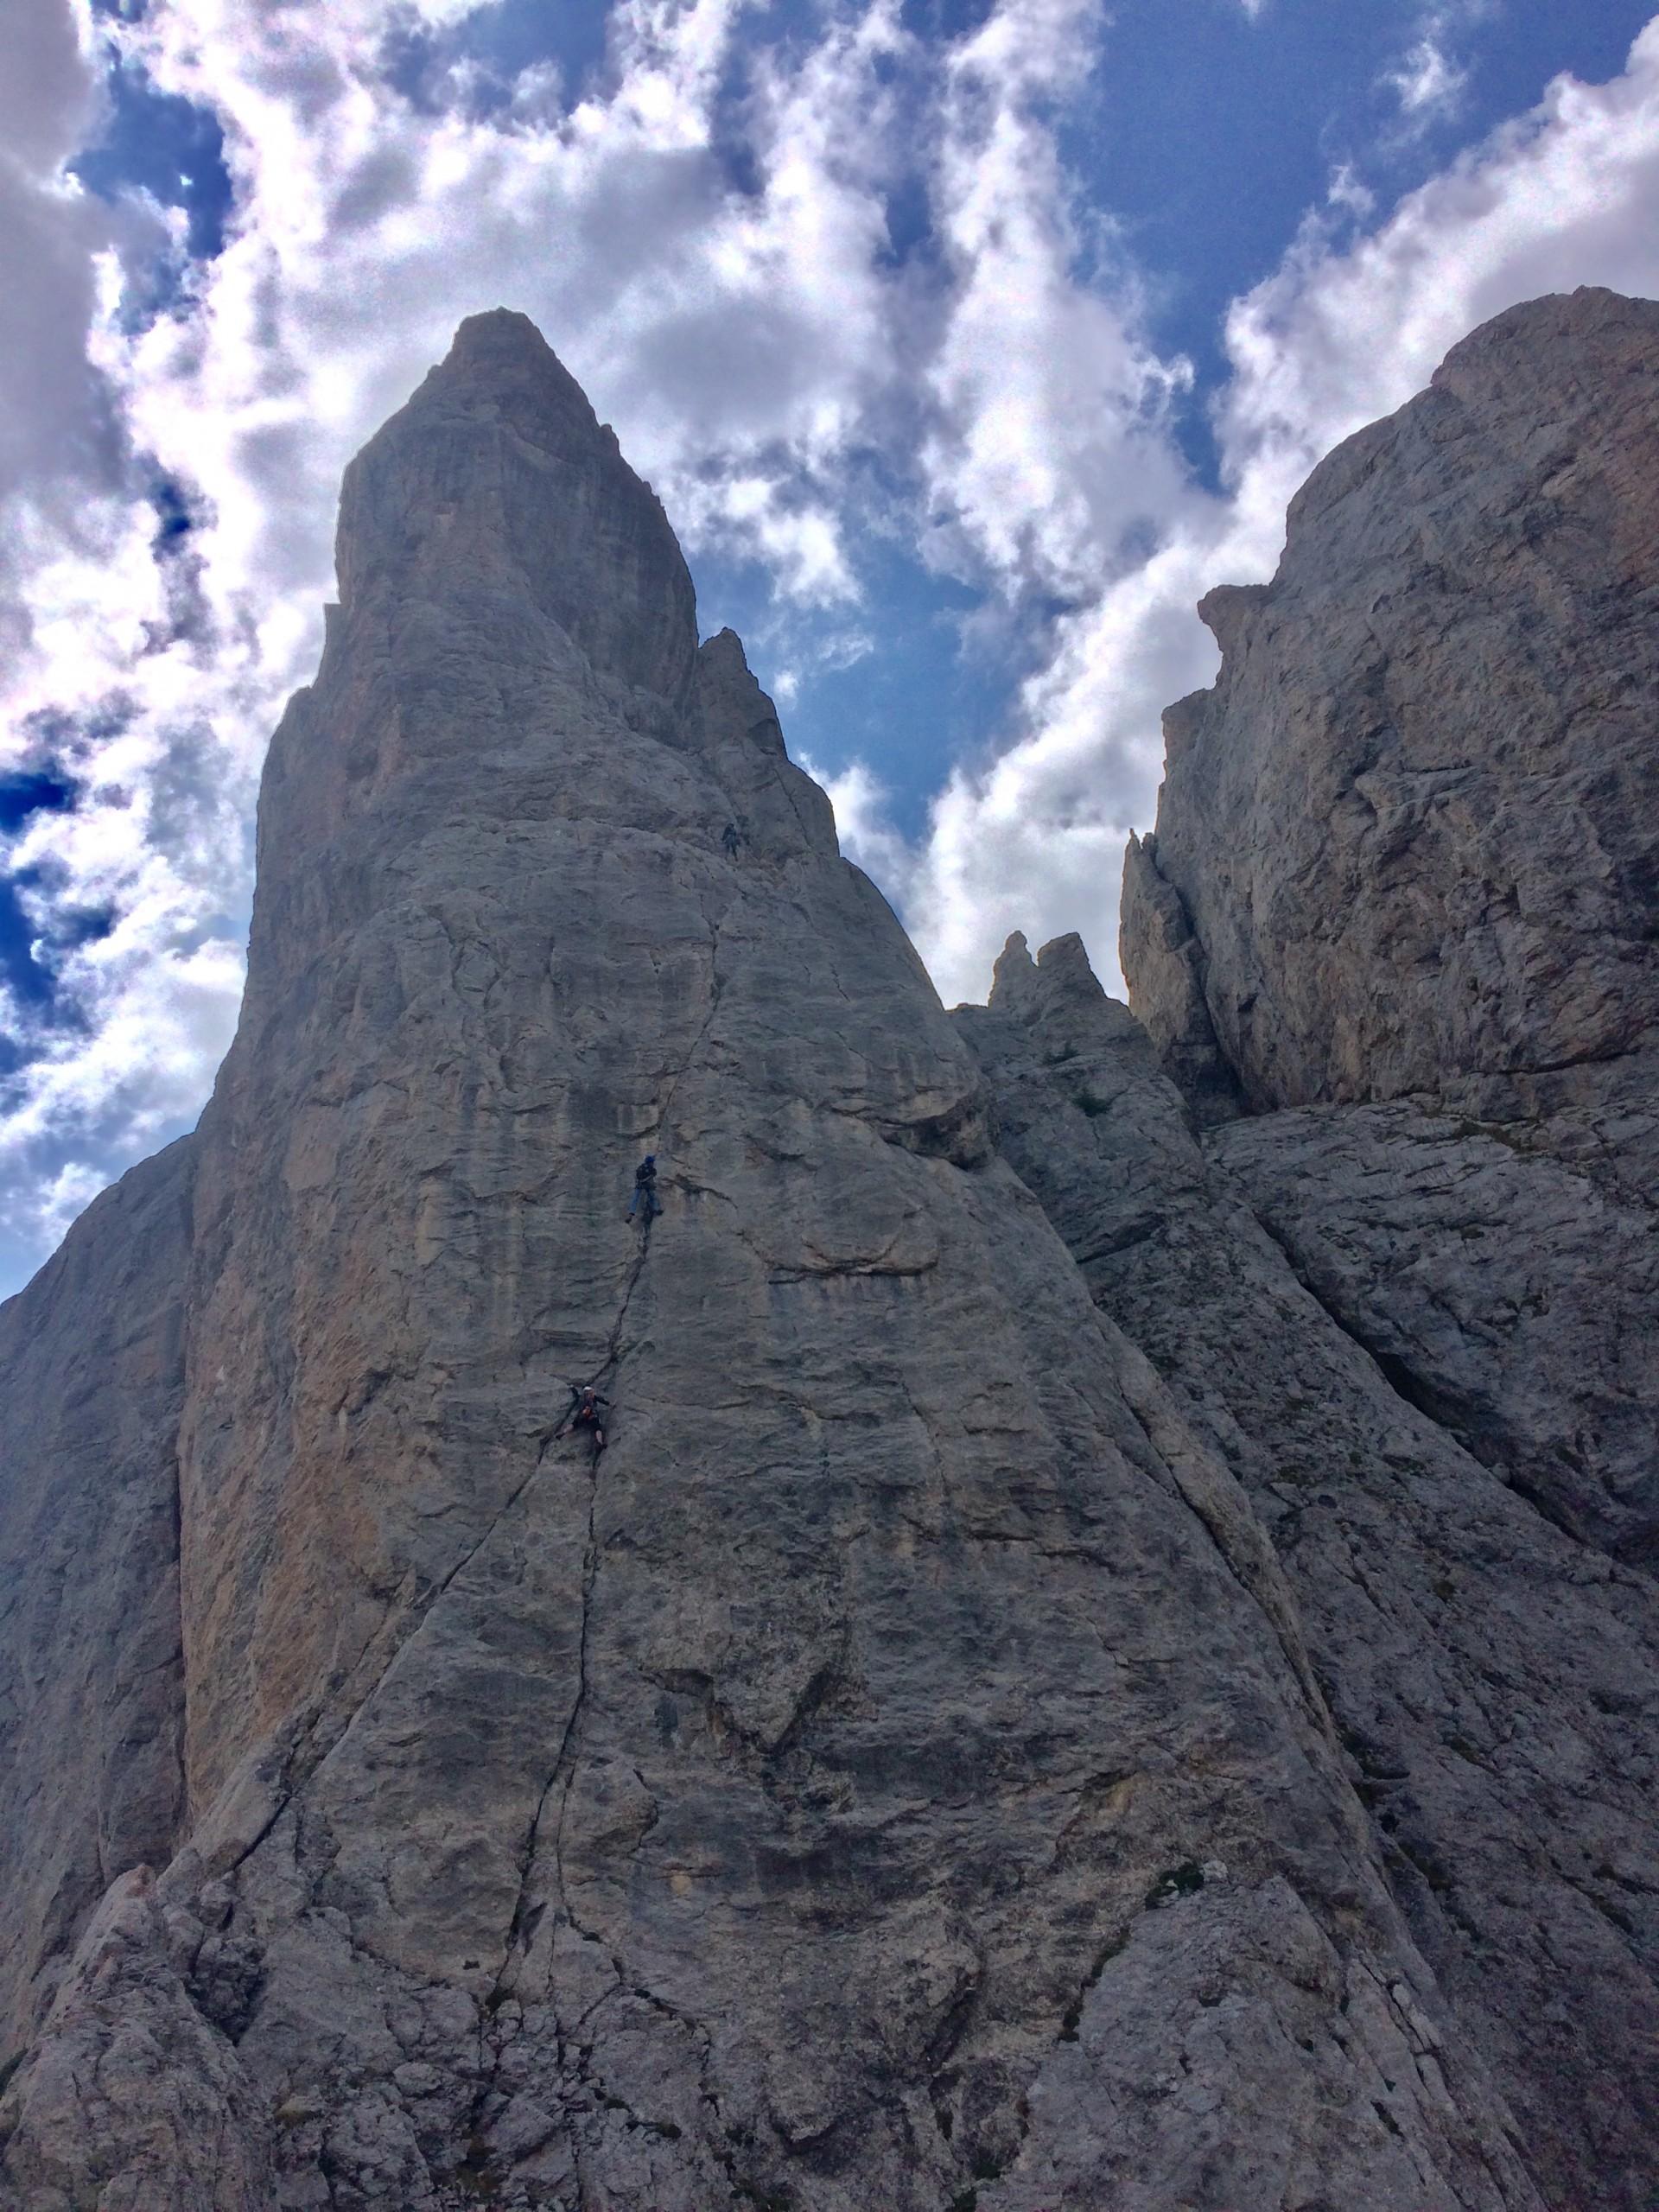 La dèrnière tour rocheuse des Tenailles de Montbrison